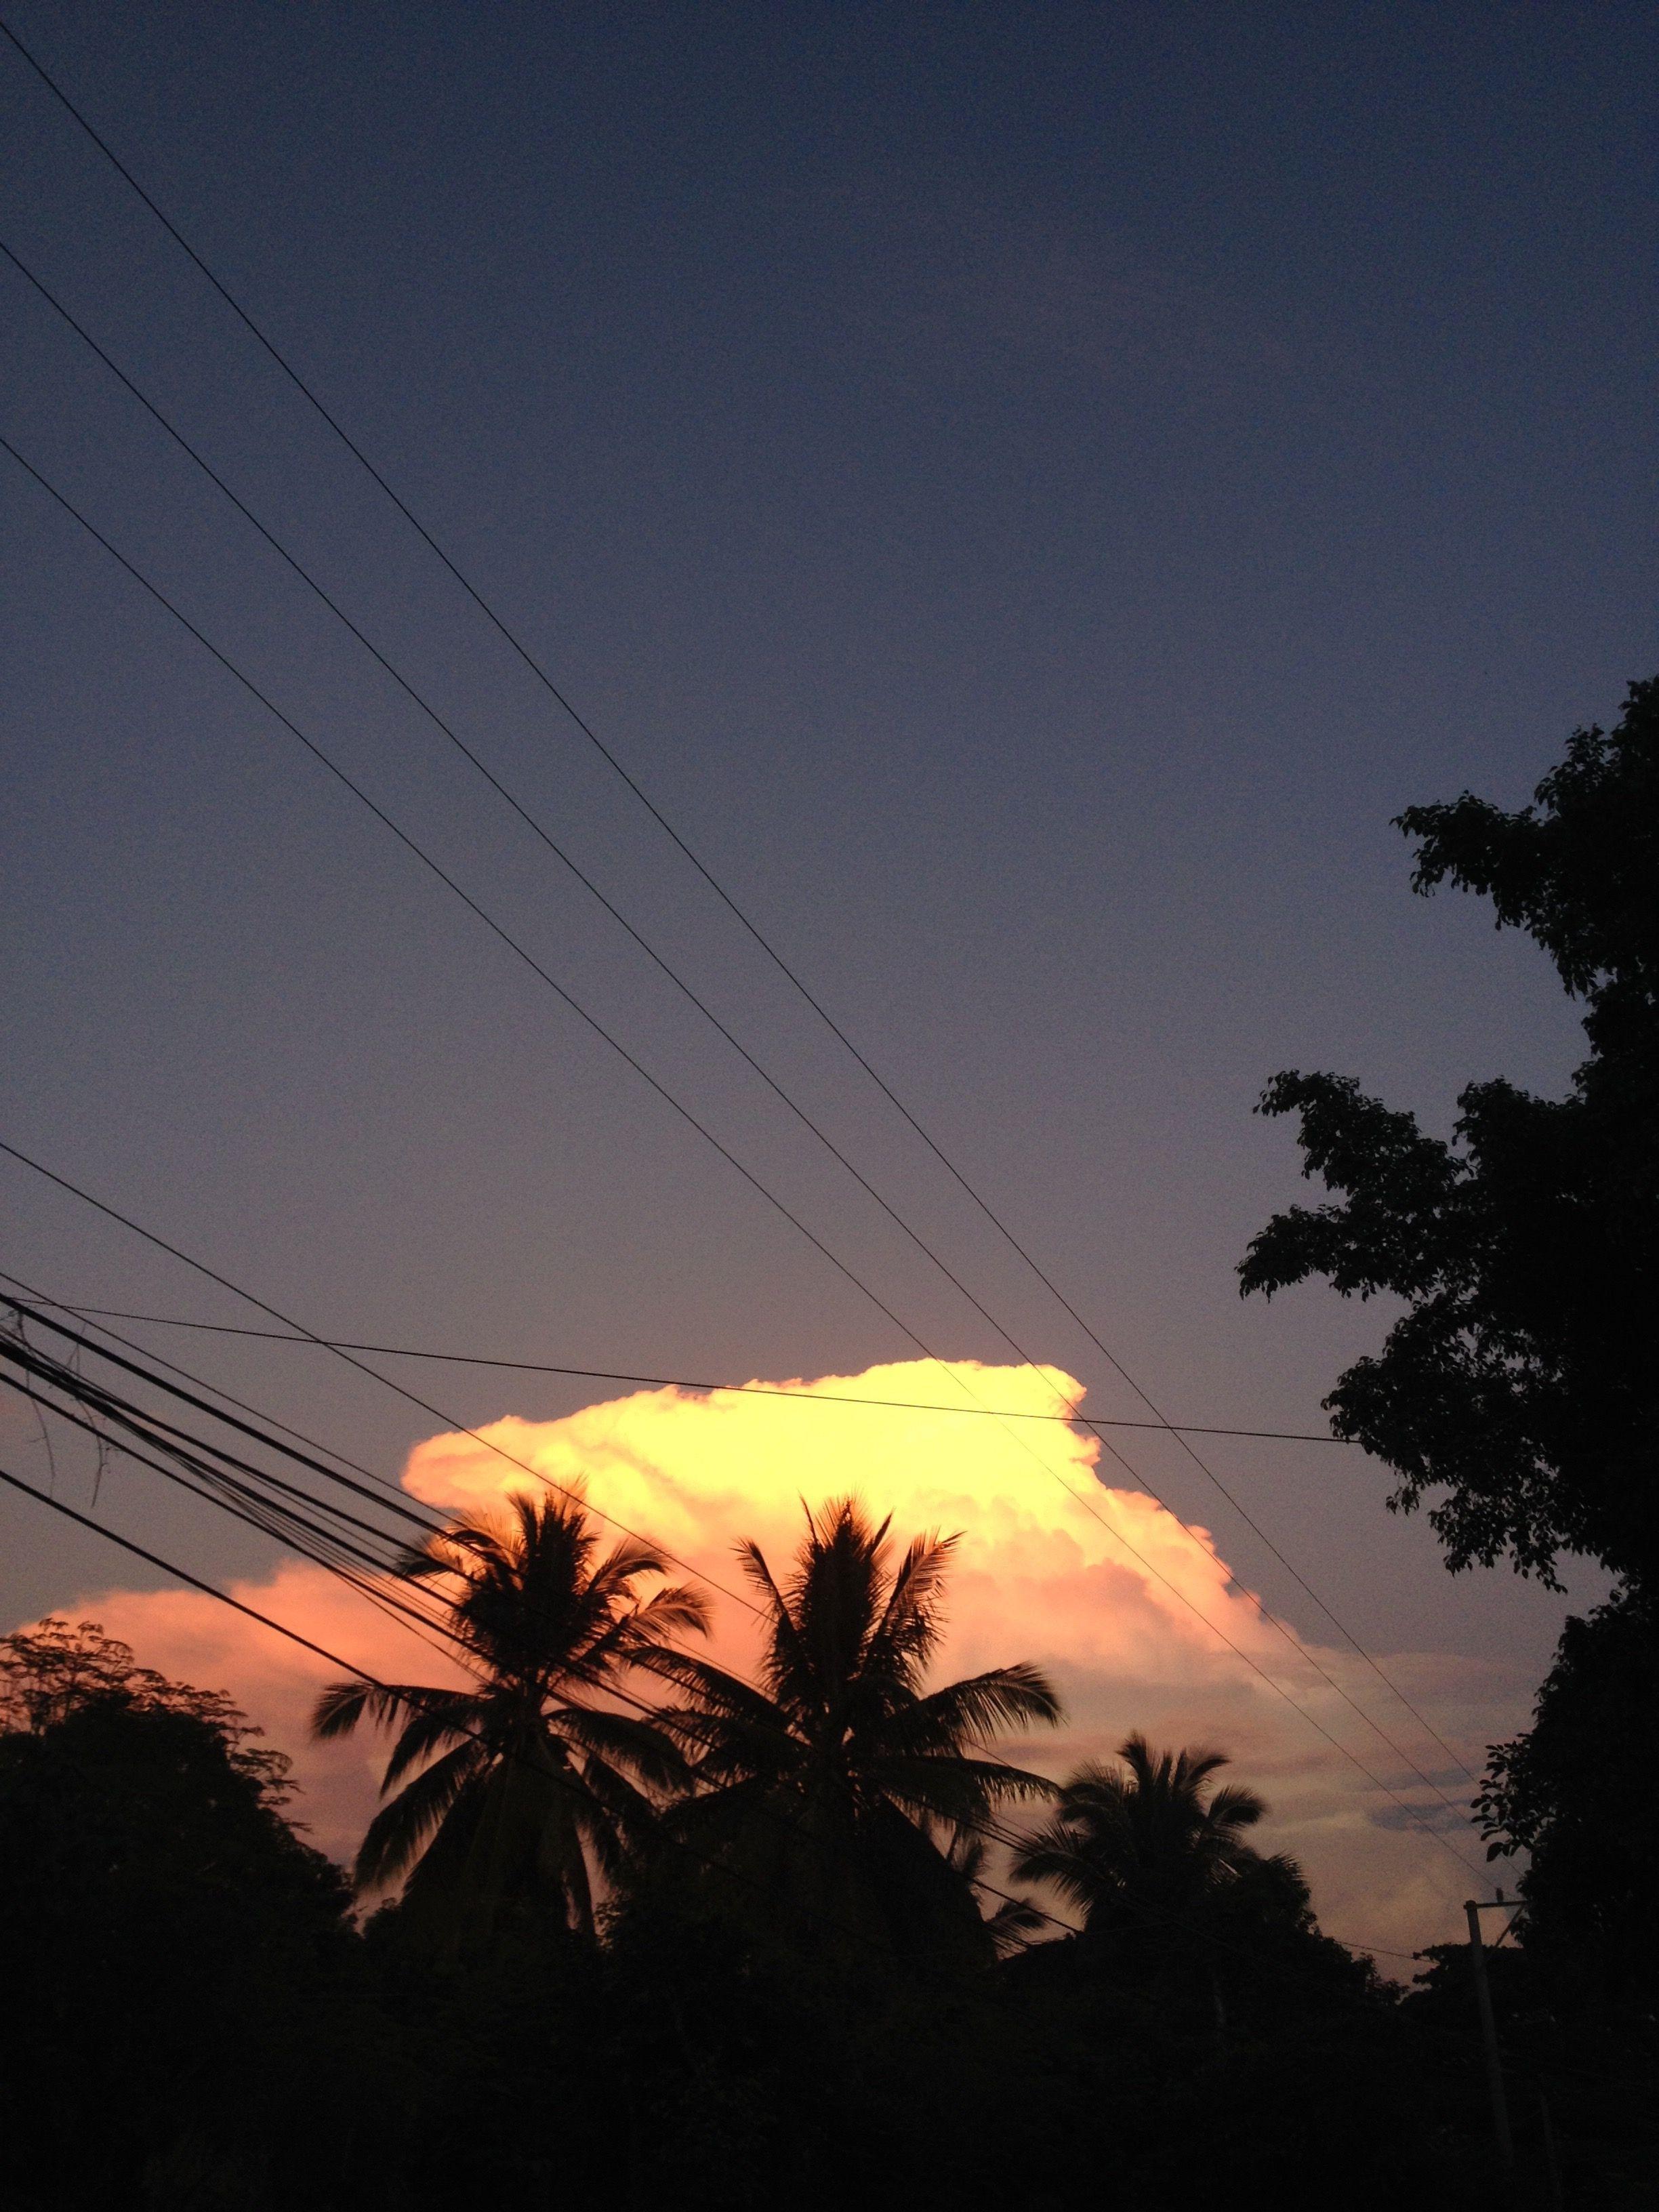 atardecer sunset love elsalvador paisajes nature Sky 2448x3264